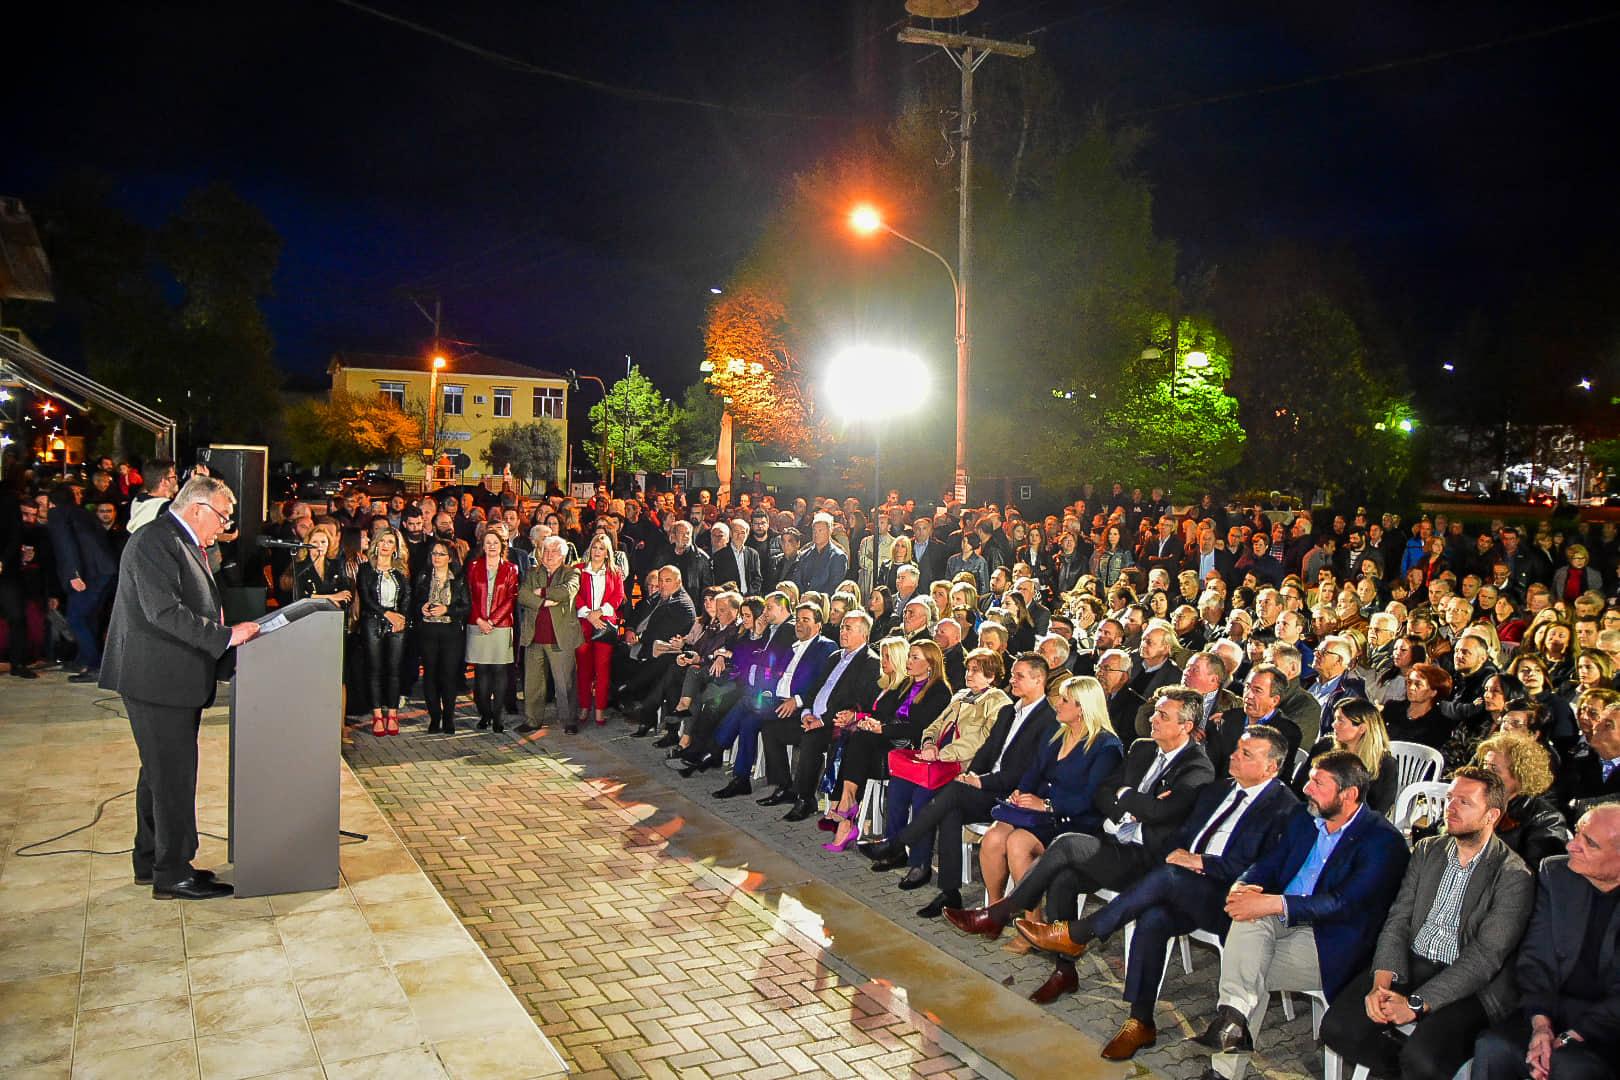 Πλήθος κόσμου στα εγκαίνια του εκλογικού κέντρου του Θανάση Νασιακόπουλου - Δείτε φωτογραφίες !!!